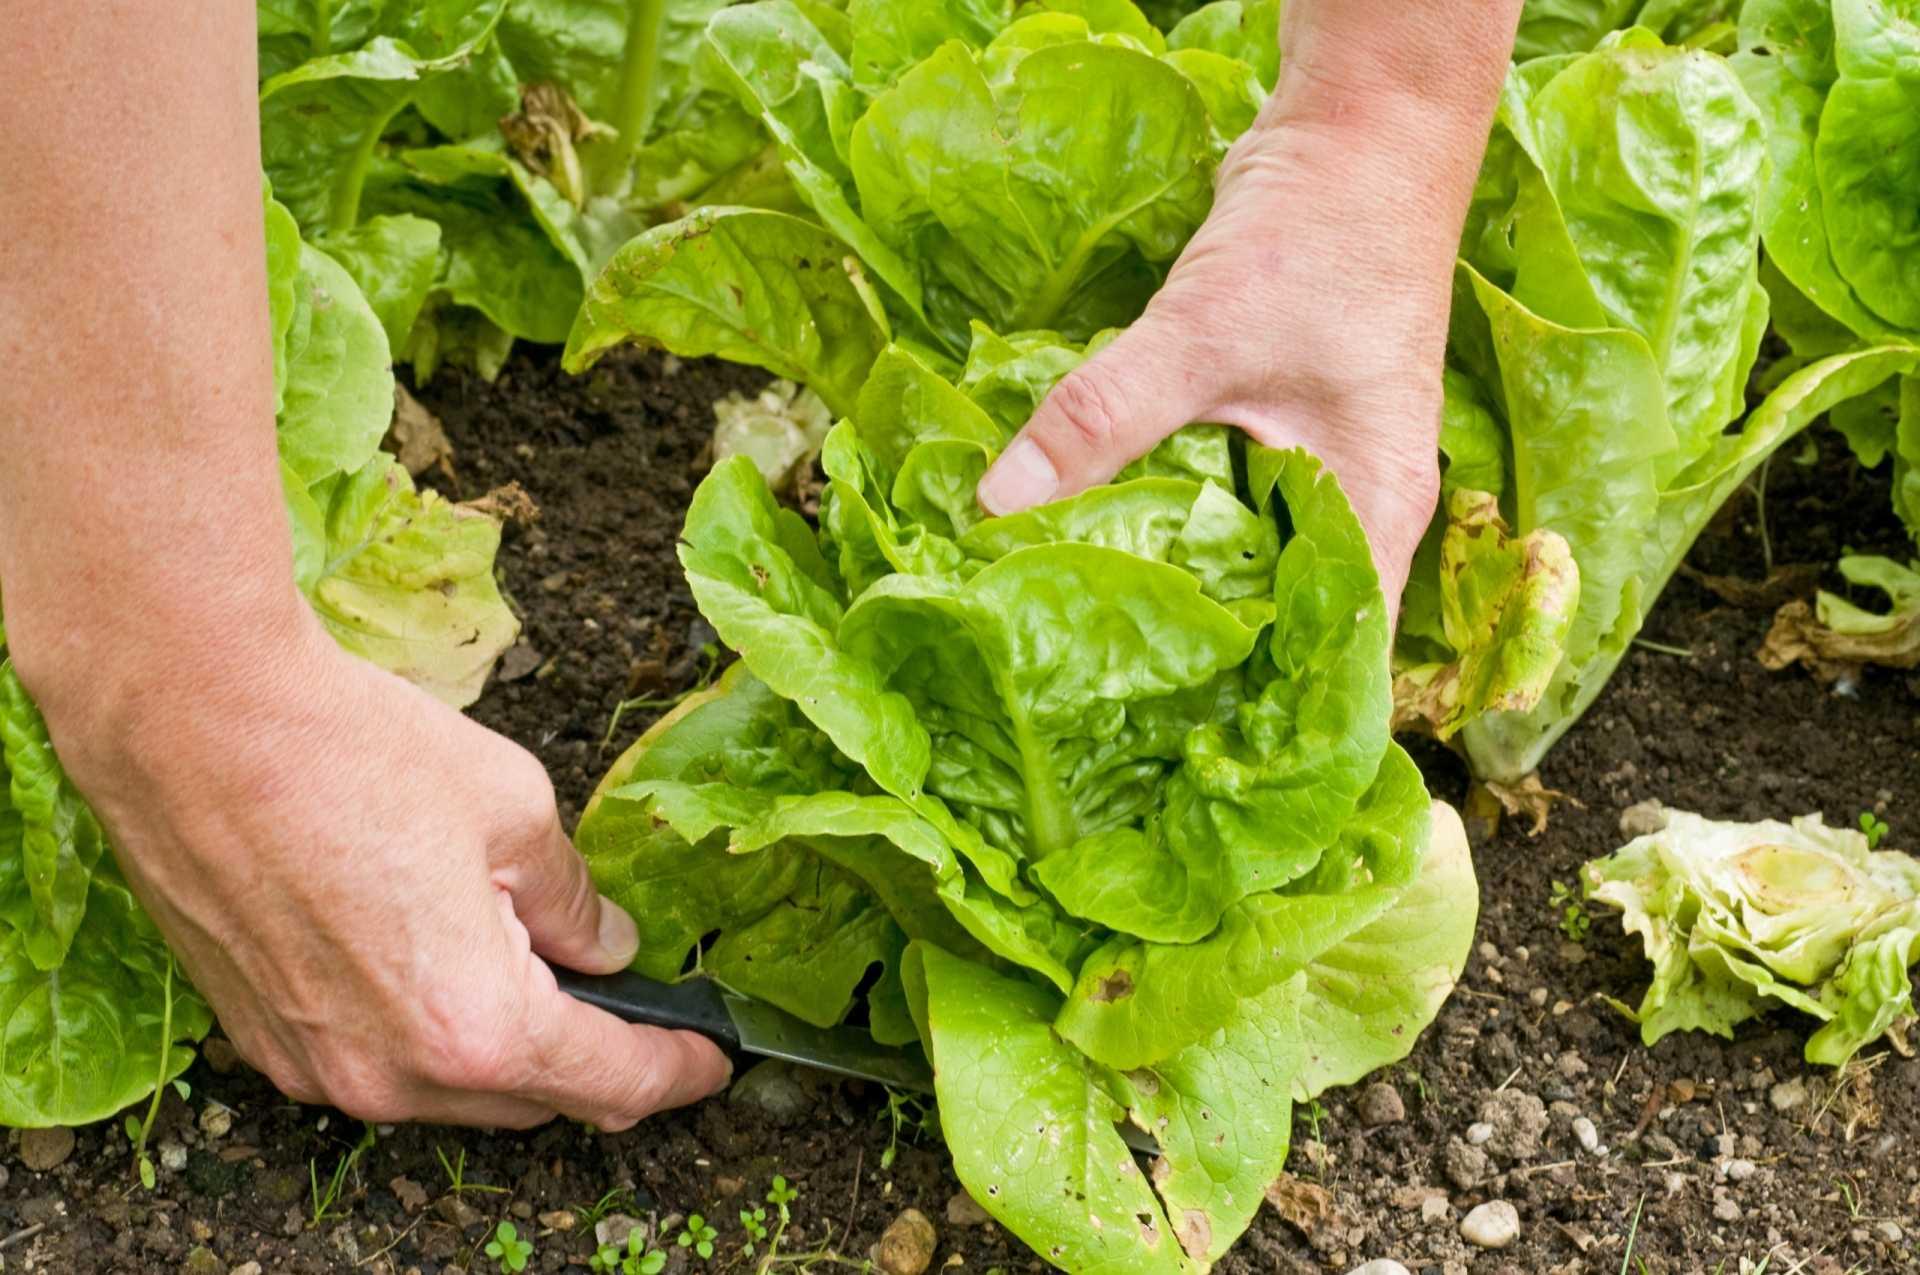 Erntetipps zum Salat ernten